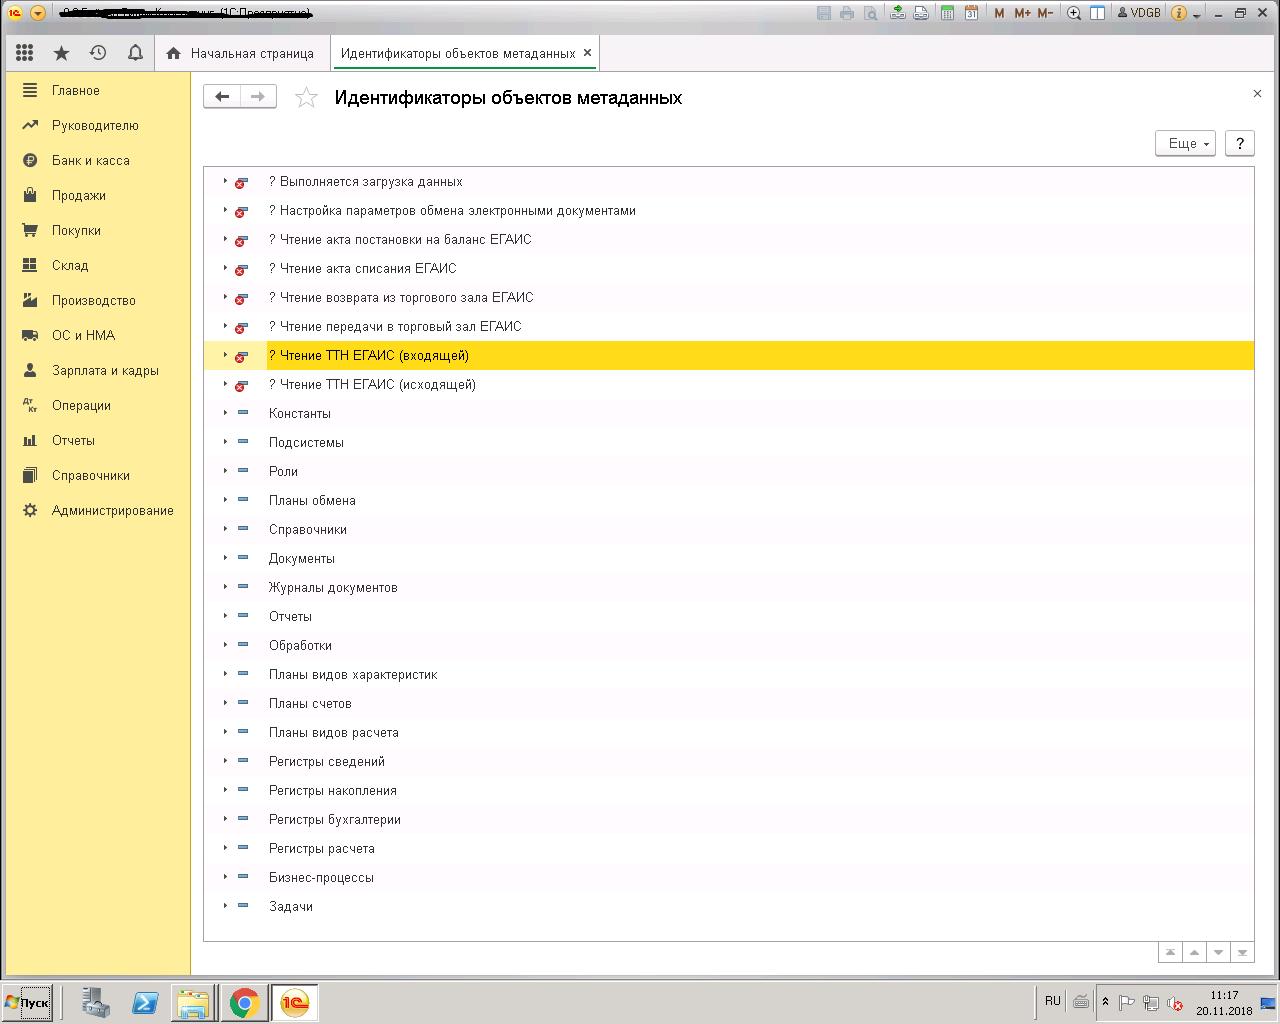 Инструменты разработчика обновление вспомогательных данных 1с настройка 1с егаис